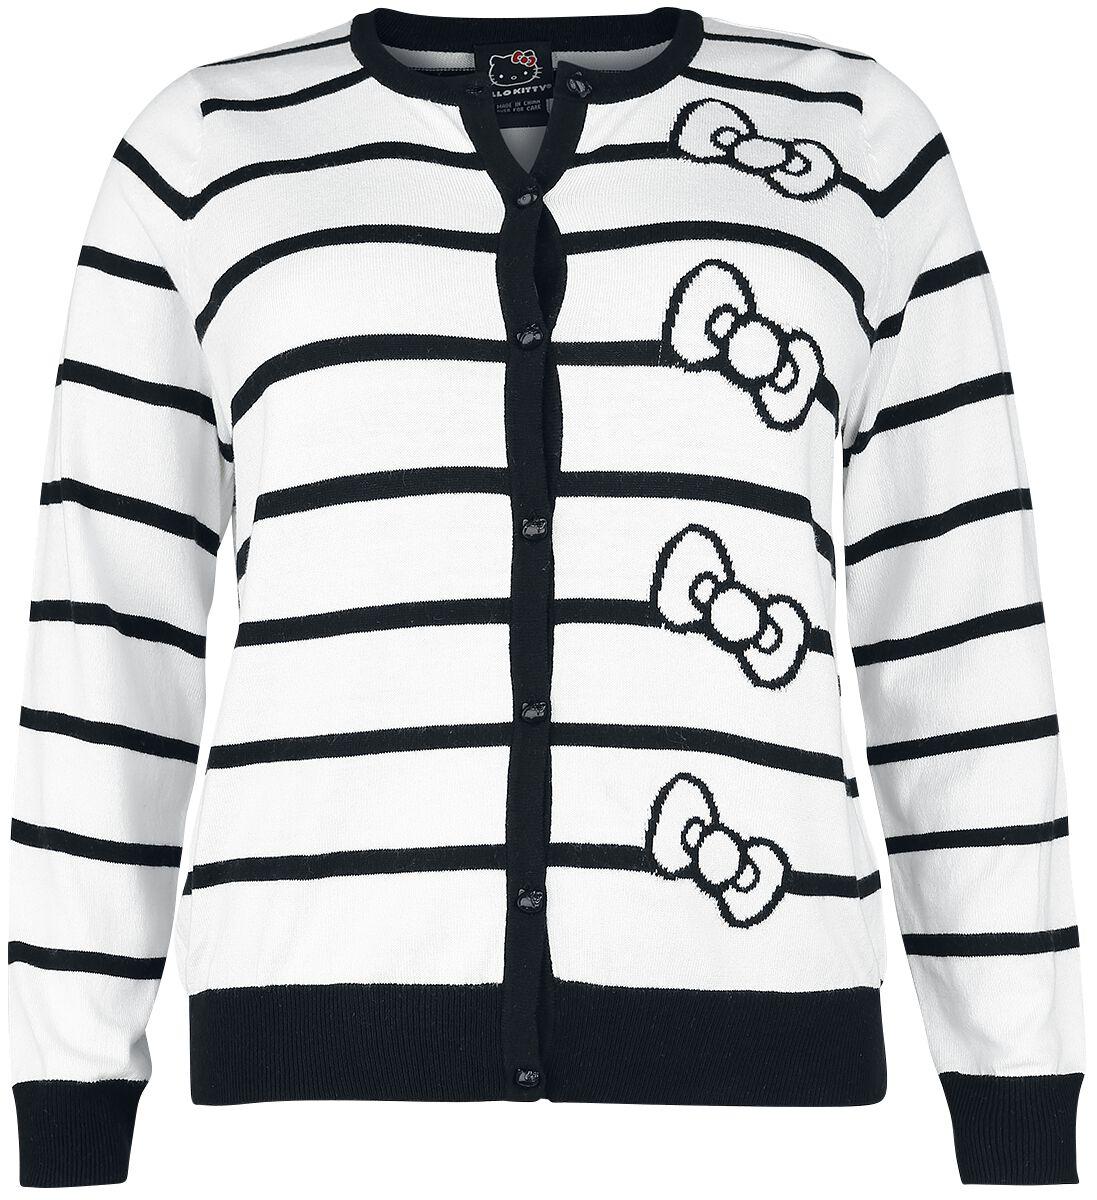 Merch dla Fanów - Bluzy - Kardigan damski Hello Kitty Bow Stripes Kardigan damski biały/czarny - 351140